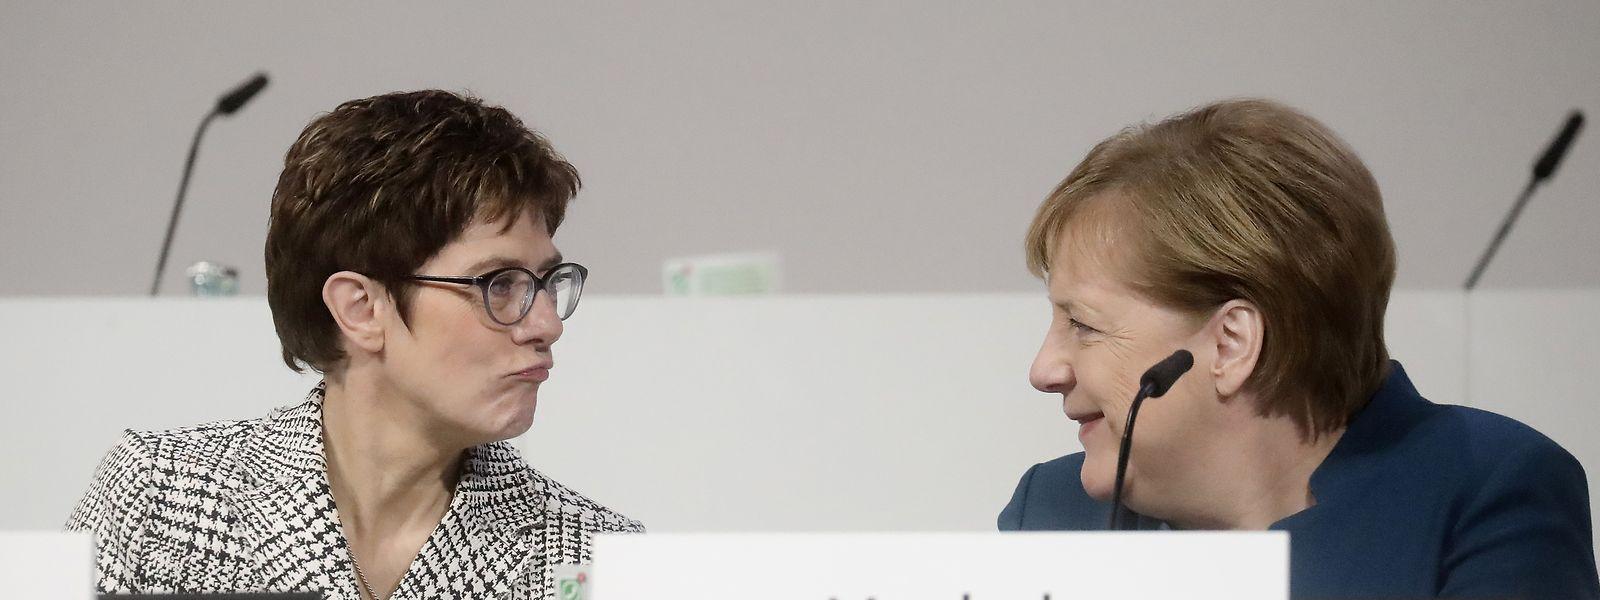 Annegret Kramp-Karrenbauer (l.), Kandidatin für den Parteivorsitz und Bundeskanzlerin Angela Merkel.